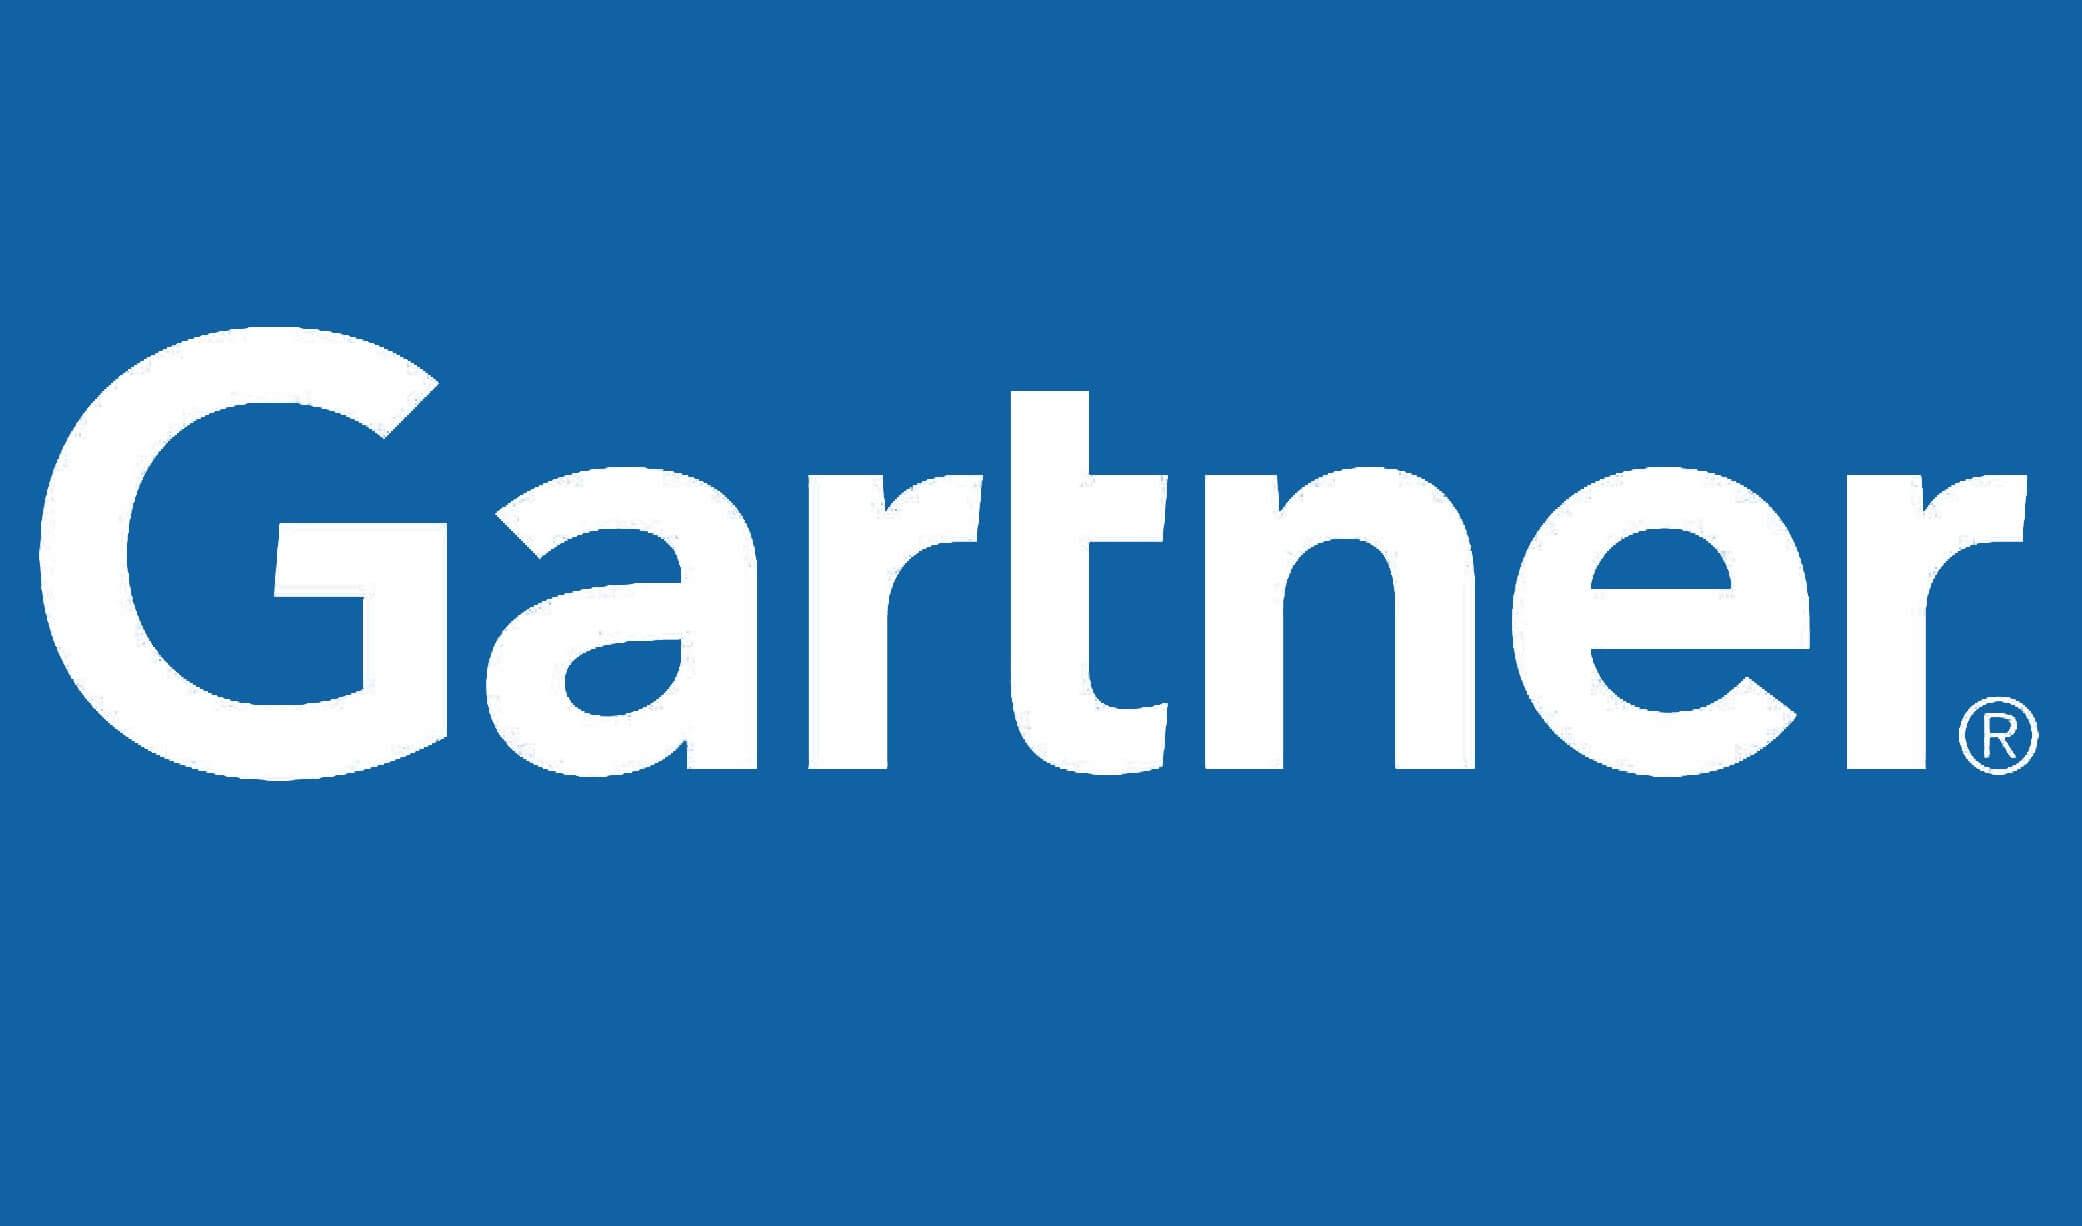 Gartner Logo 16:9 hires PNG : Inspirage.